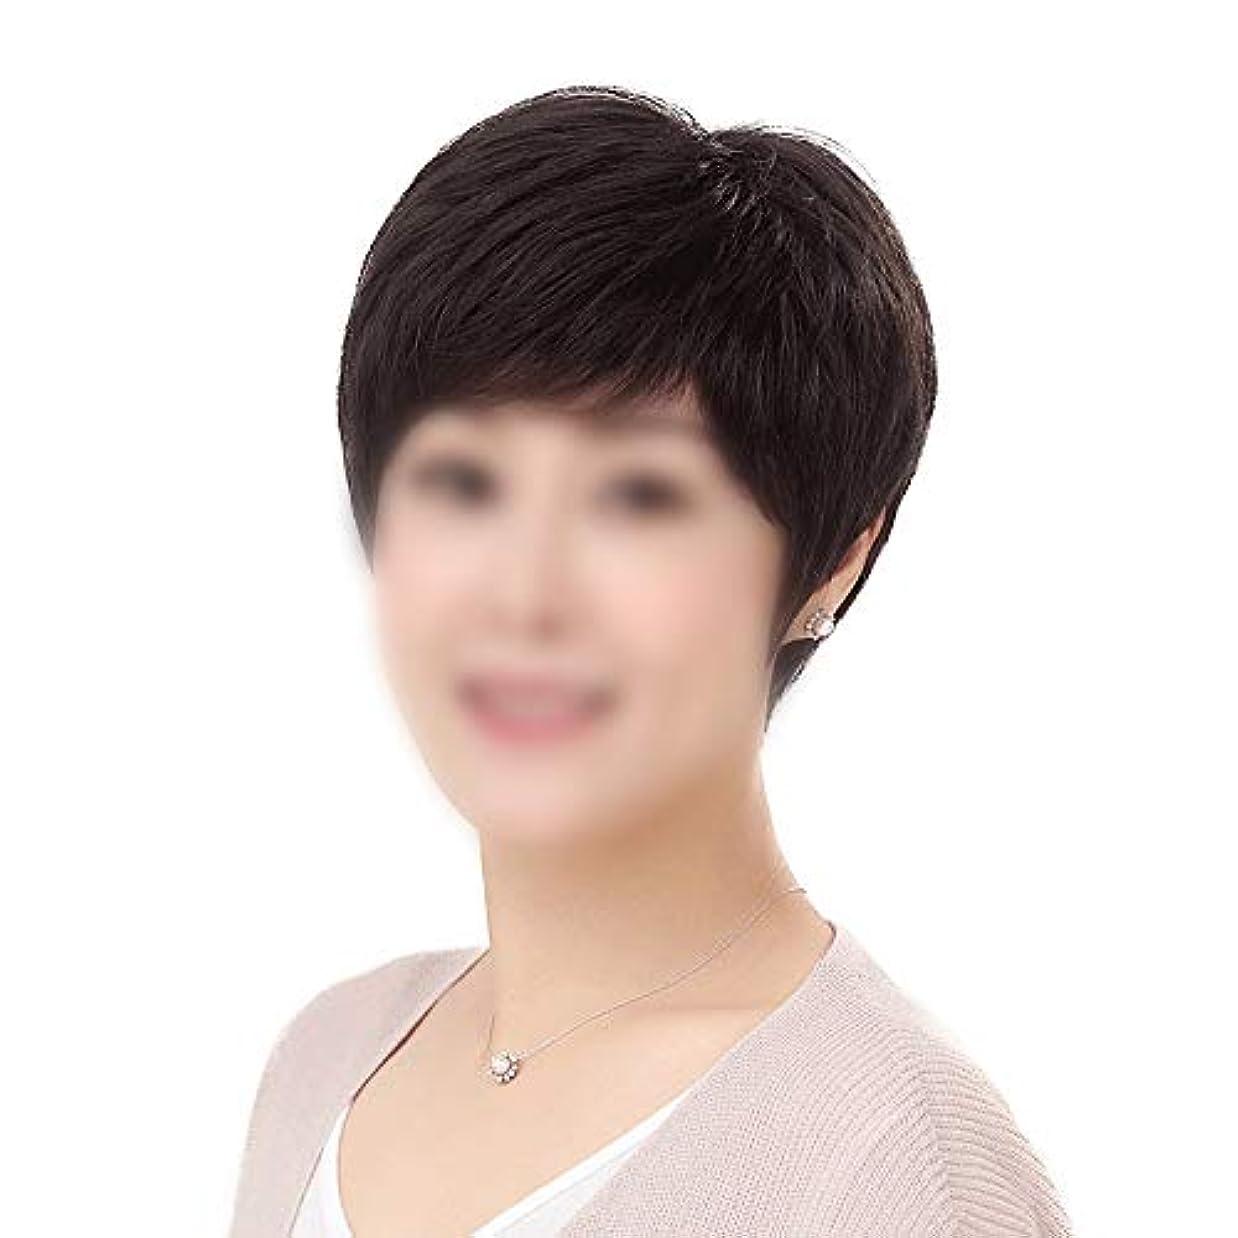 立派な配列セットするYOUQIU 母の毎日のために女性の人間の実髪ショートカーリーヘア中東や旧ウィッグウィッグを着用してください (色 : Dark brown, Design : Hand-woven heart)